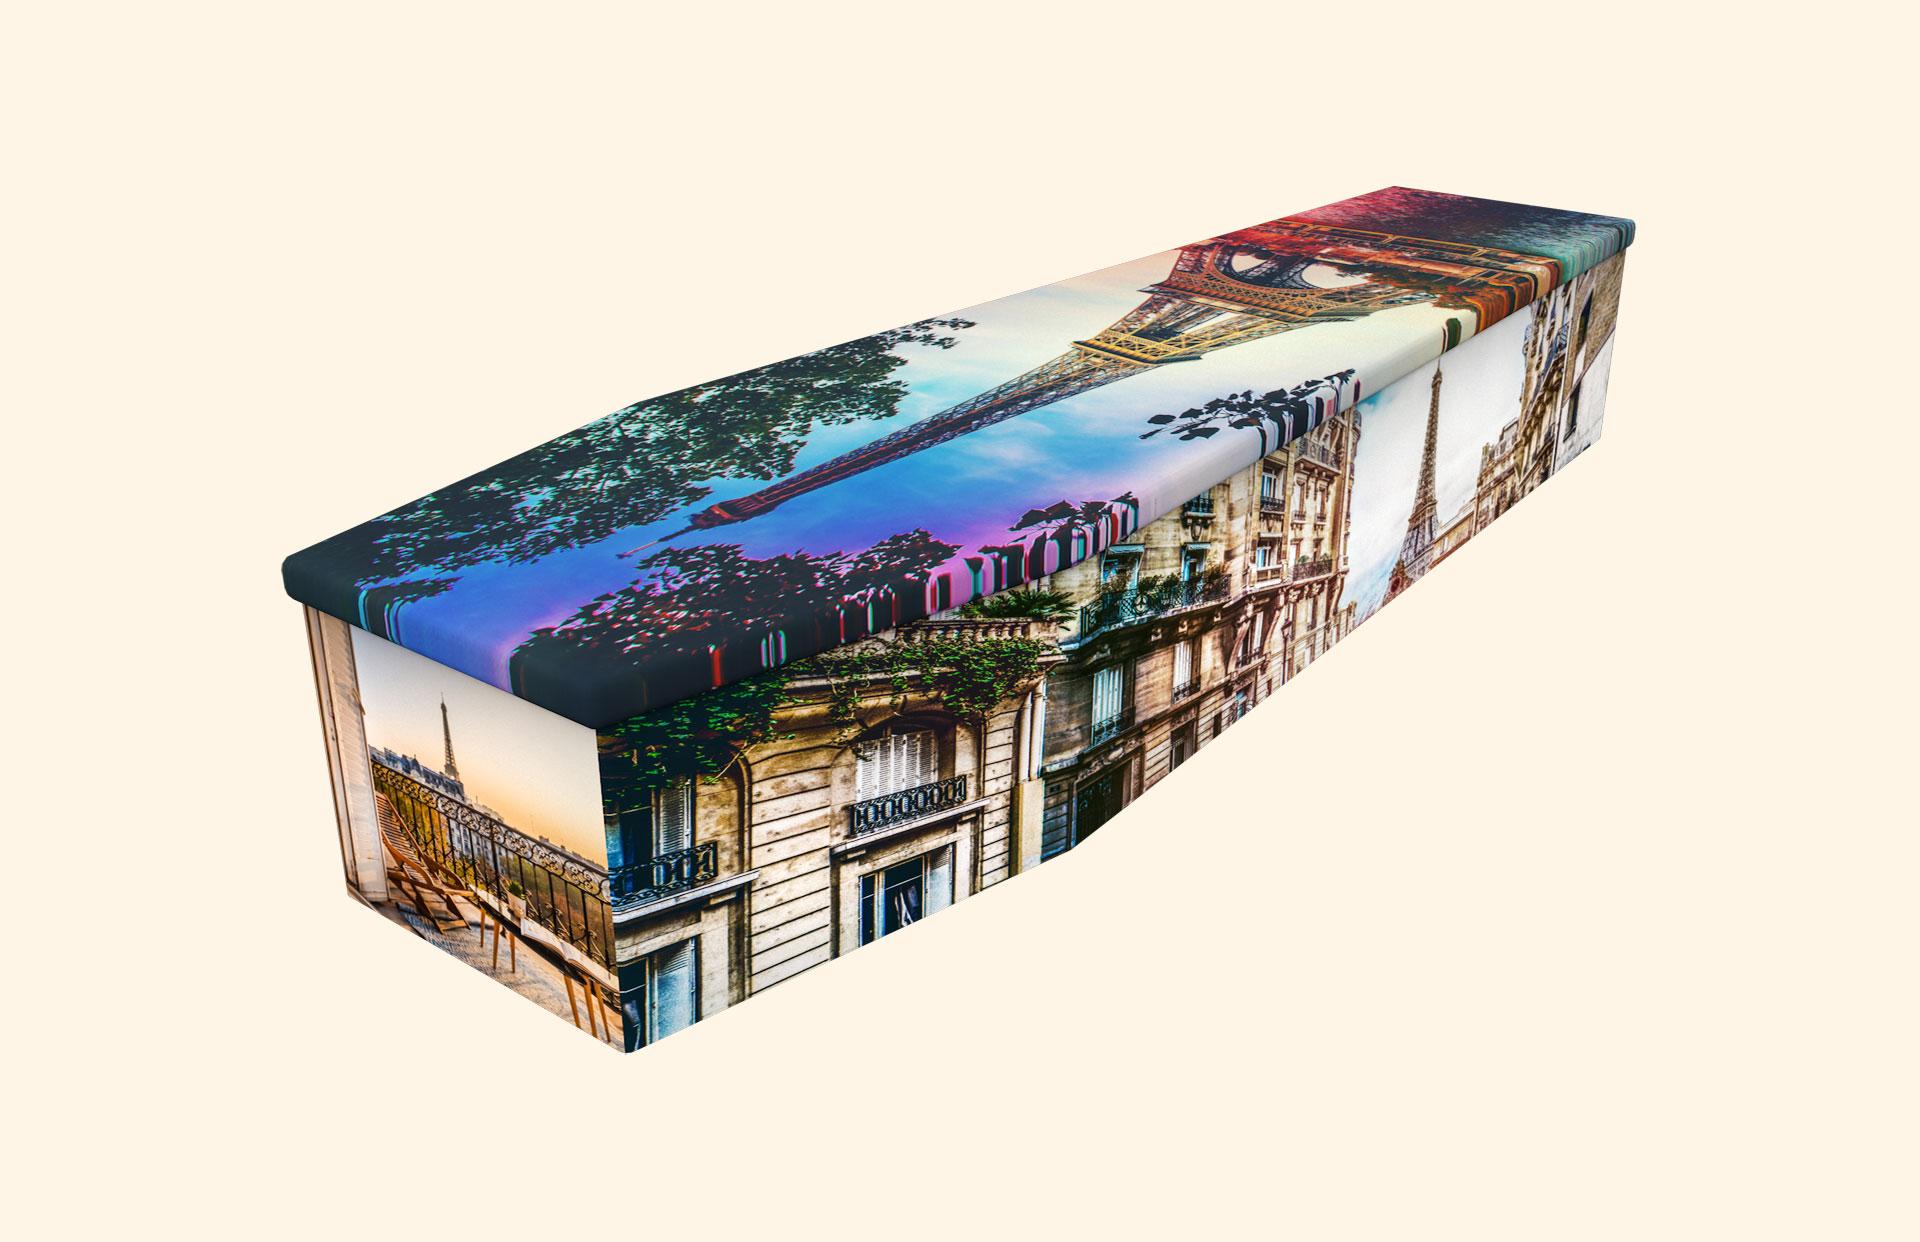 Eiffel Tower cardboard coffin